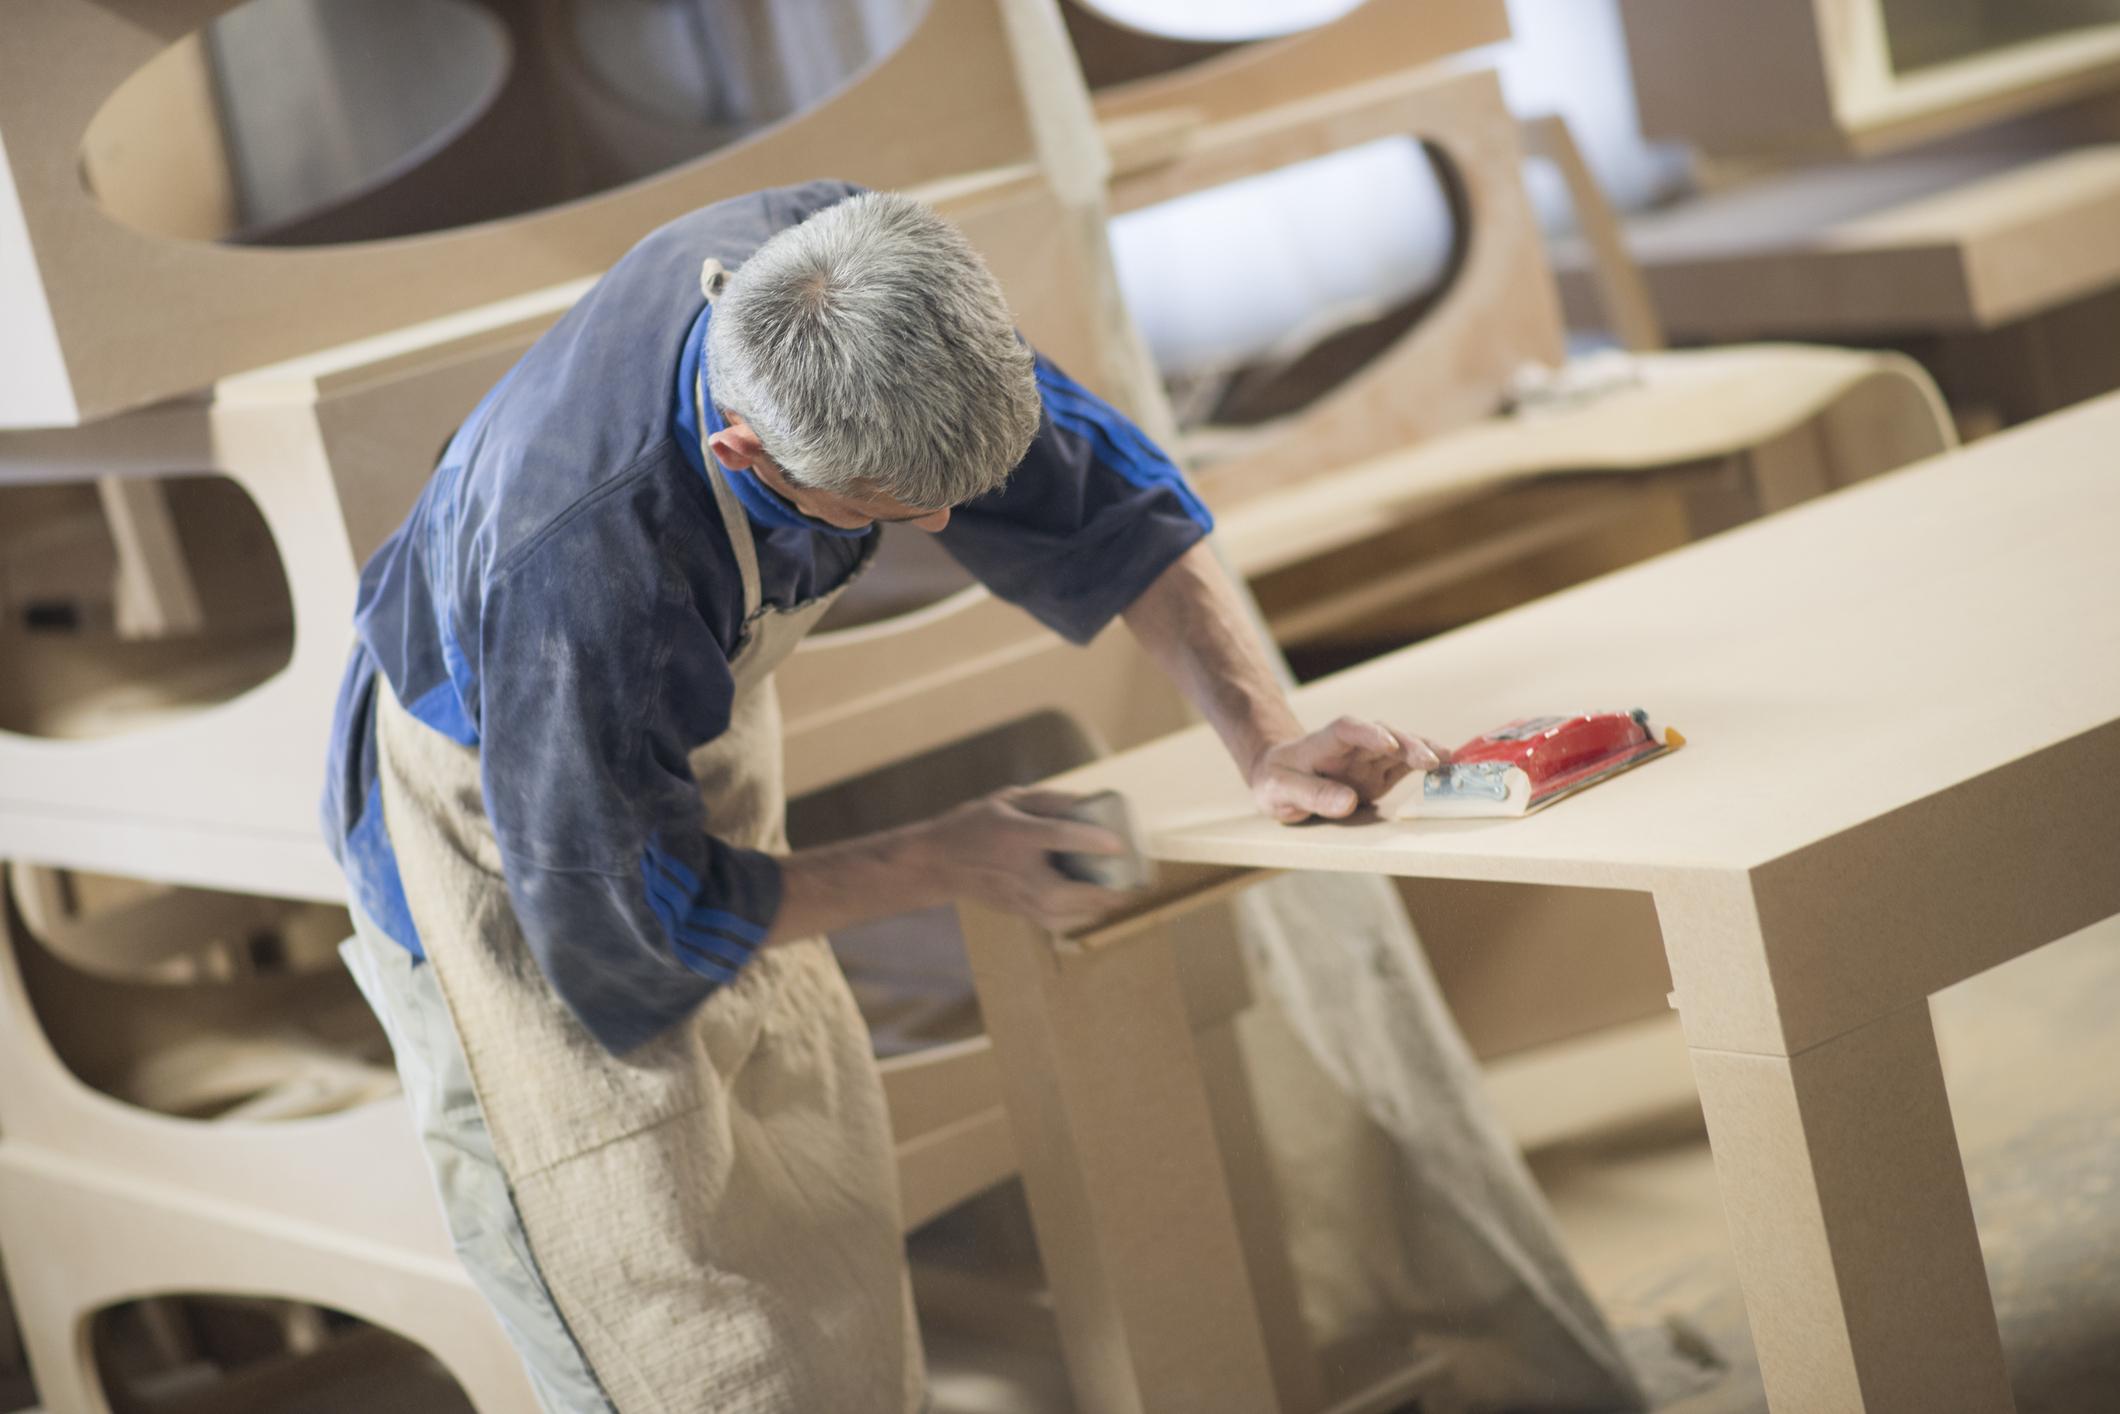 stolarz-pracownik-szlifowanie-drewniany-st-z-szlifierkajpg